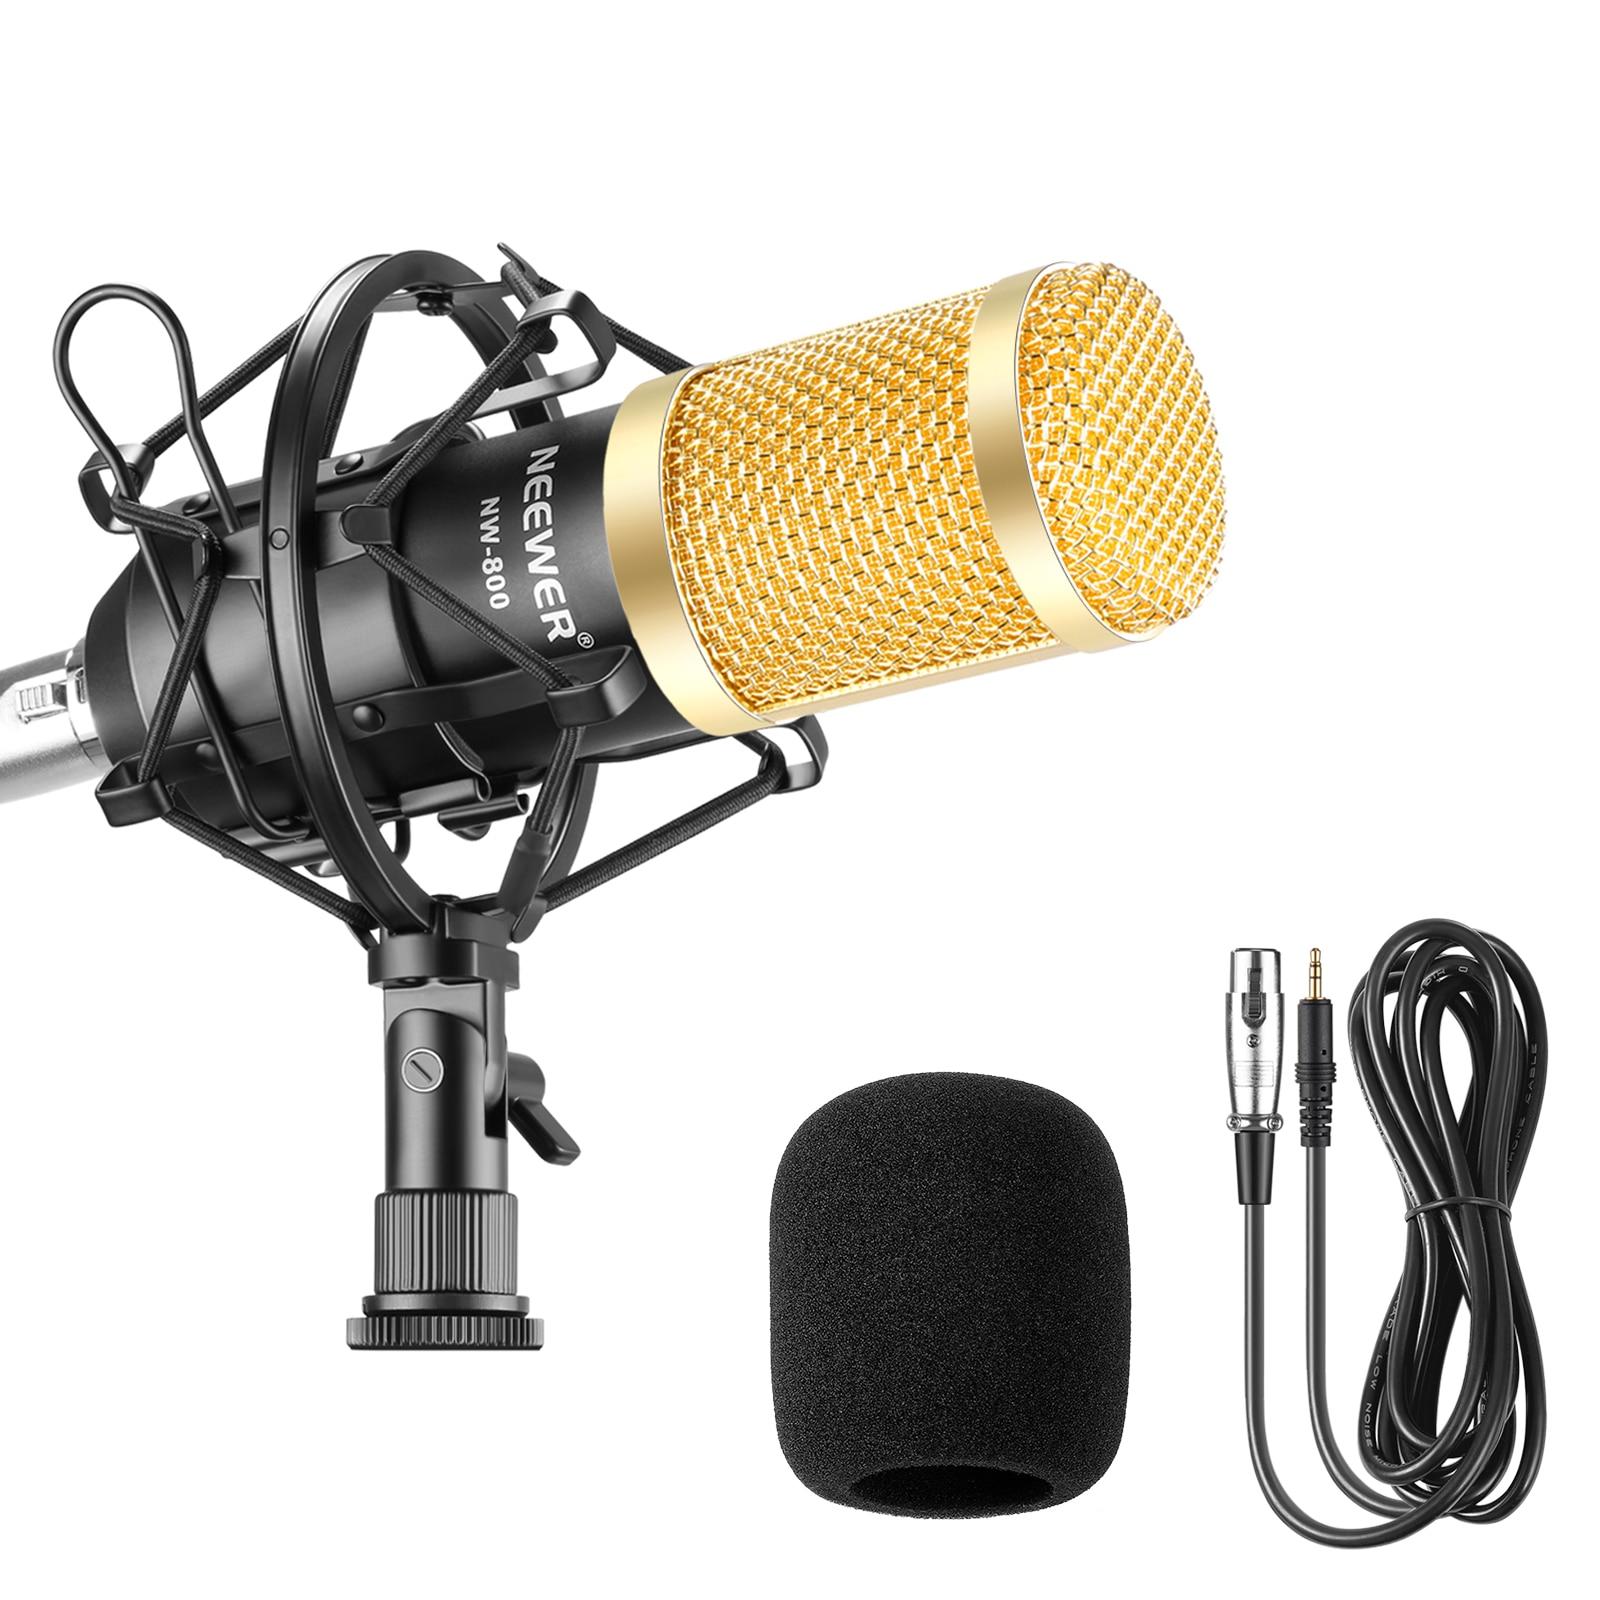 Набор микрофонов Neewer NW800 включает: NW-800 профессиональный конденсаторный микрофон + амортизирующее крепление + пенопластовая крышка + кабель ...